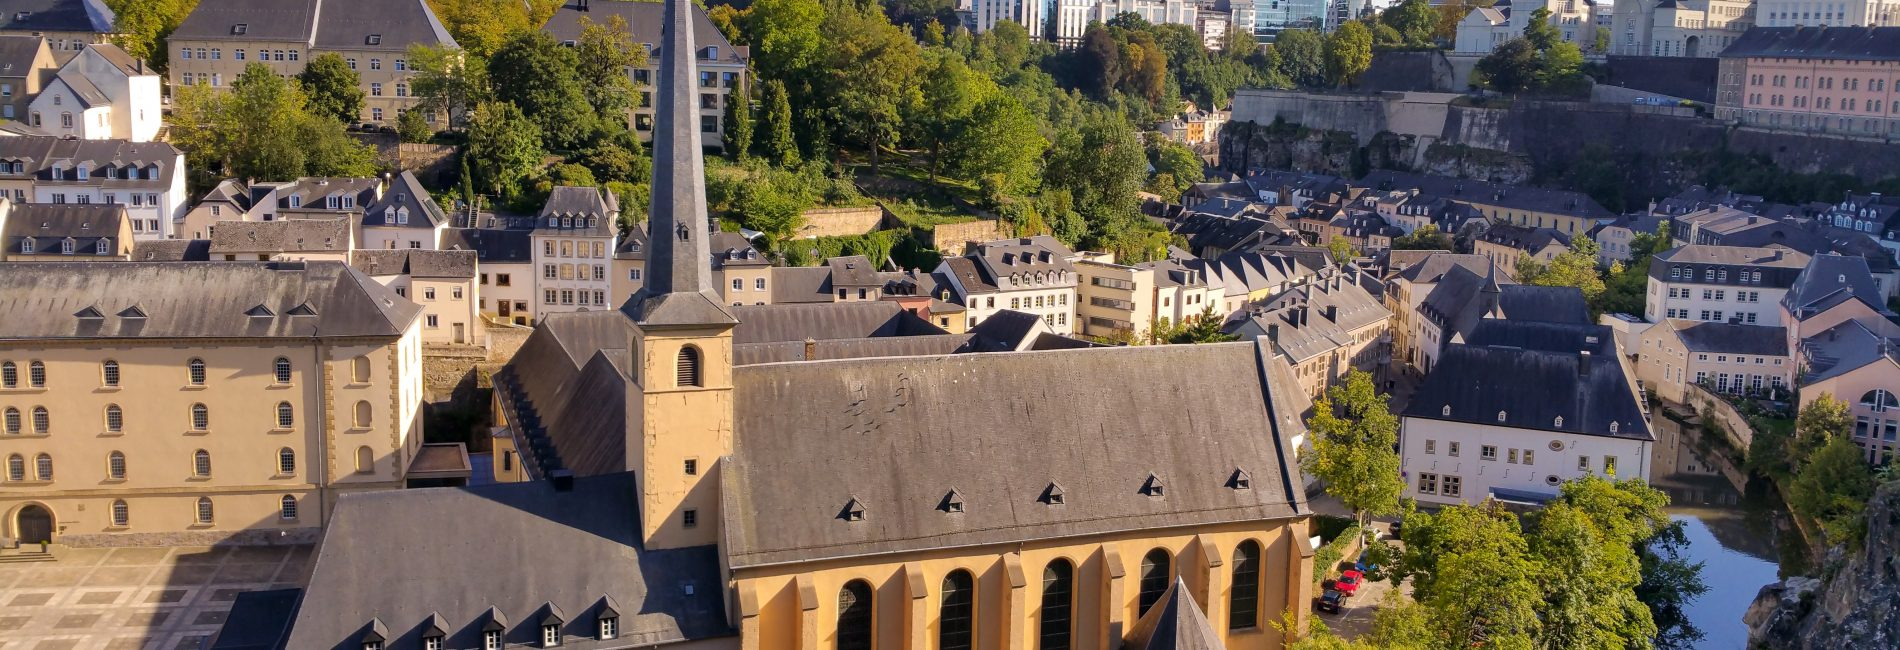 Grund ve Hamilius : Lüksemburg'un Kalbi